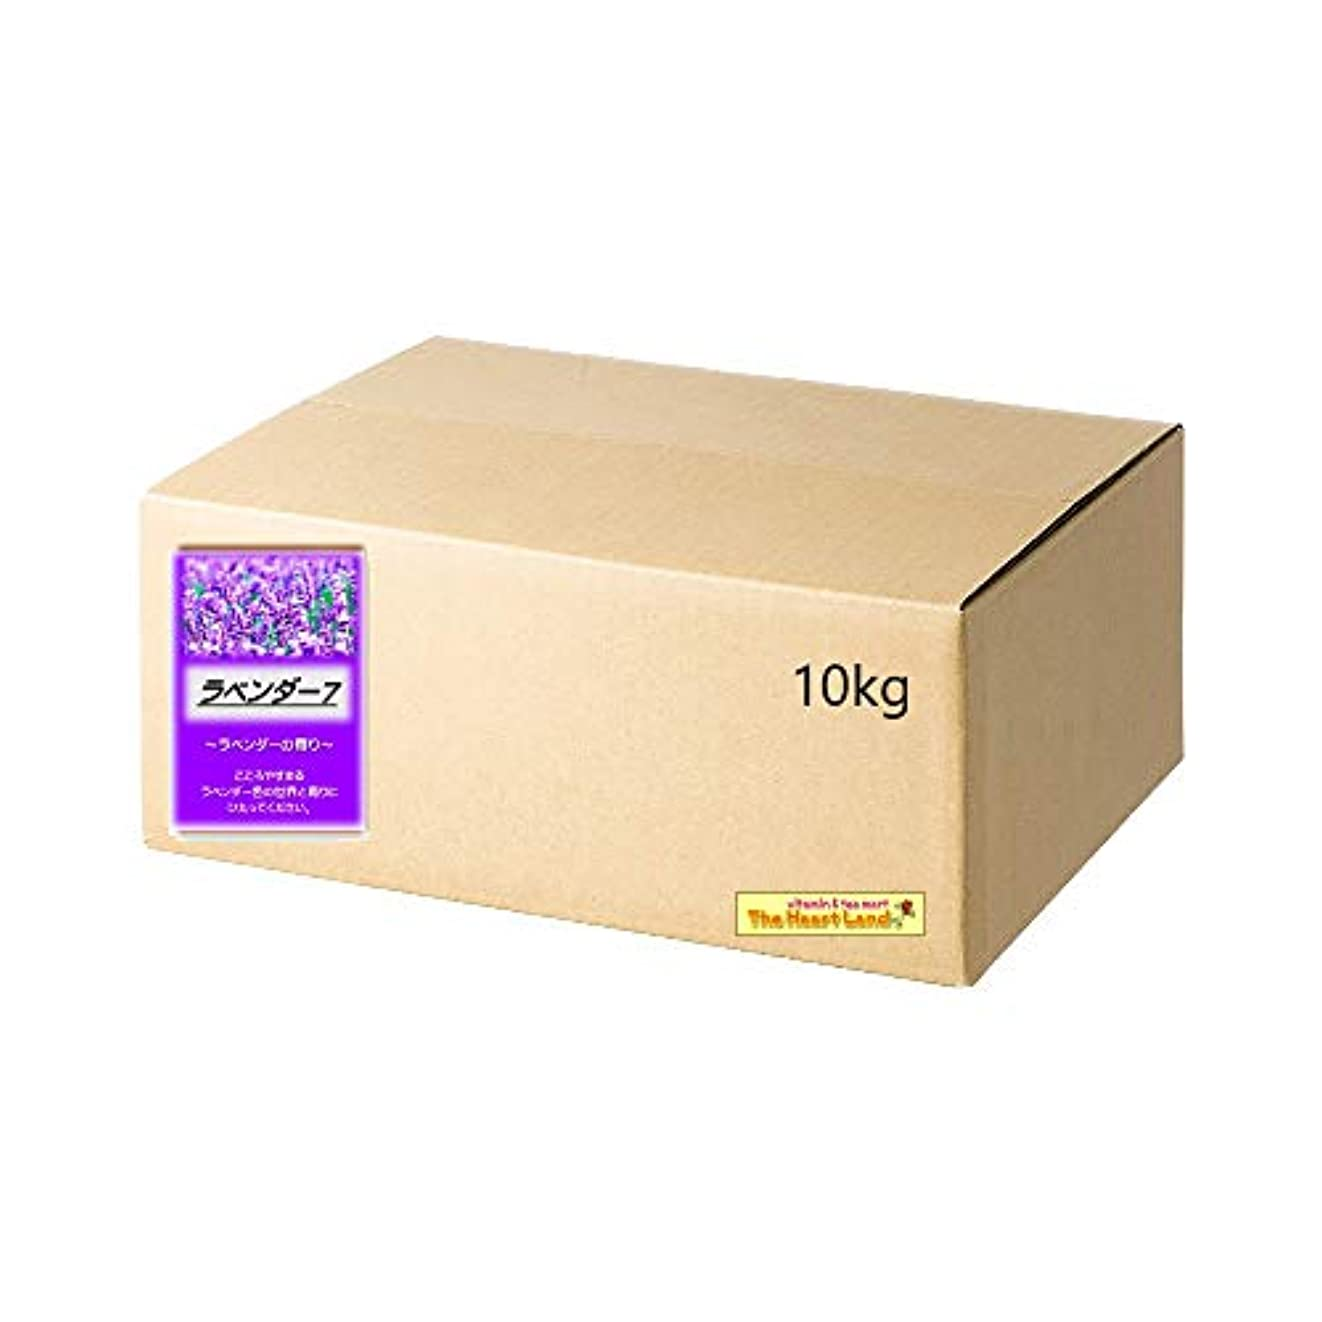 有望外交活気づけるアサヒ入浴剤 浴用入浴化粧品 ラベンダー7 10kg